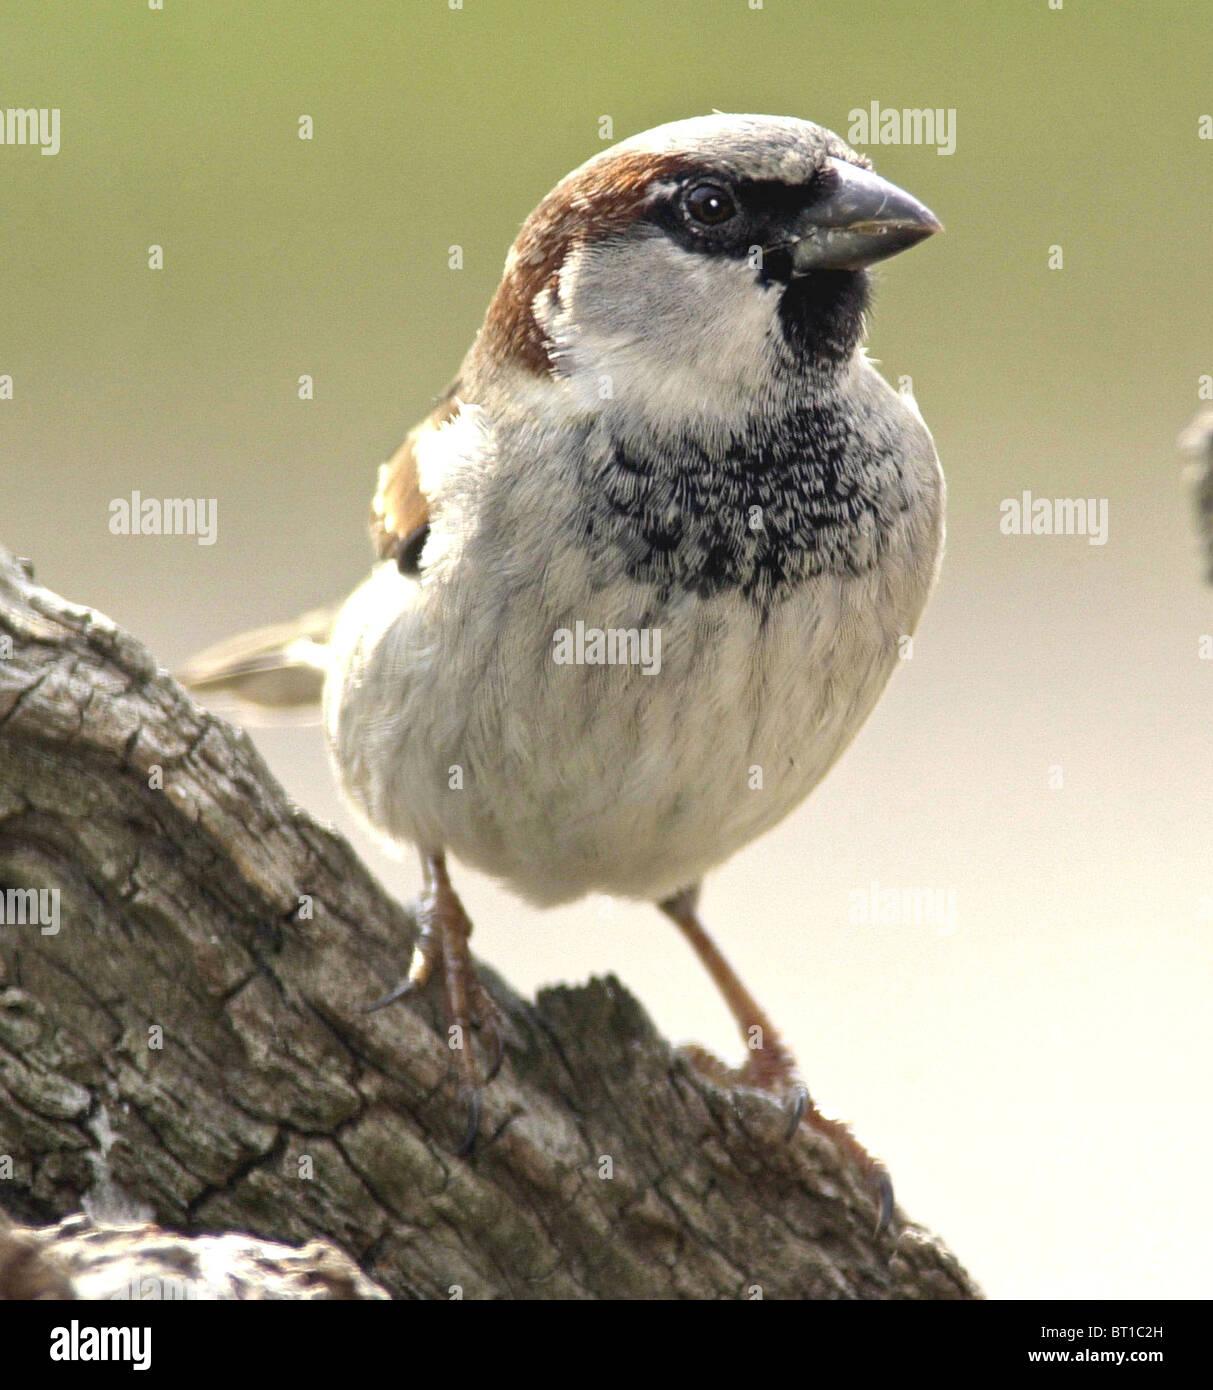 Moineau domestique Moineau domestique (Passer domesticus) bien aimé la bird est aujourd'hui en déclin. Mâle mature. Banque D'Images